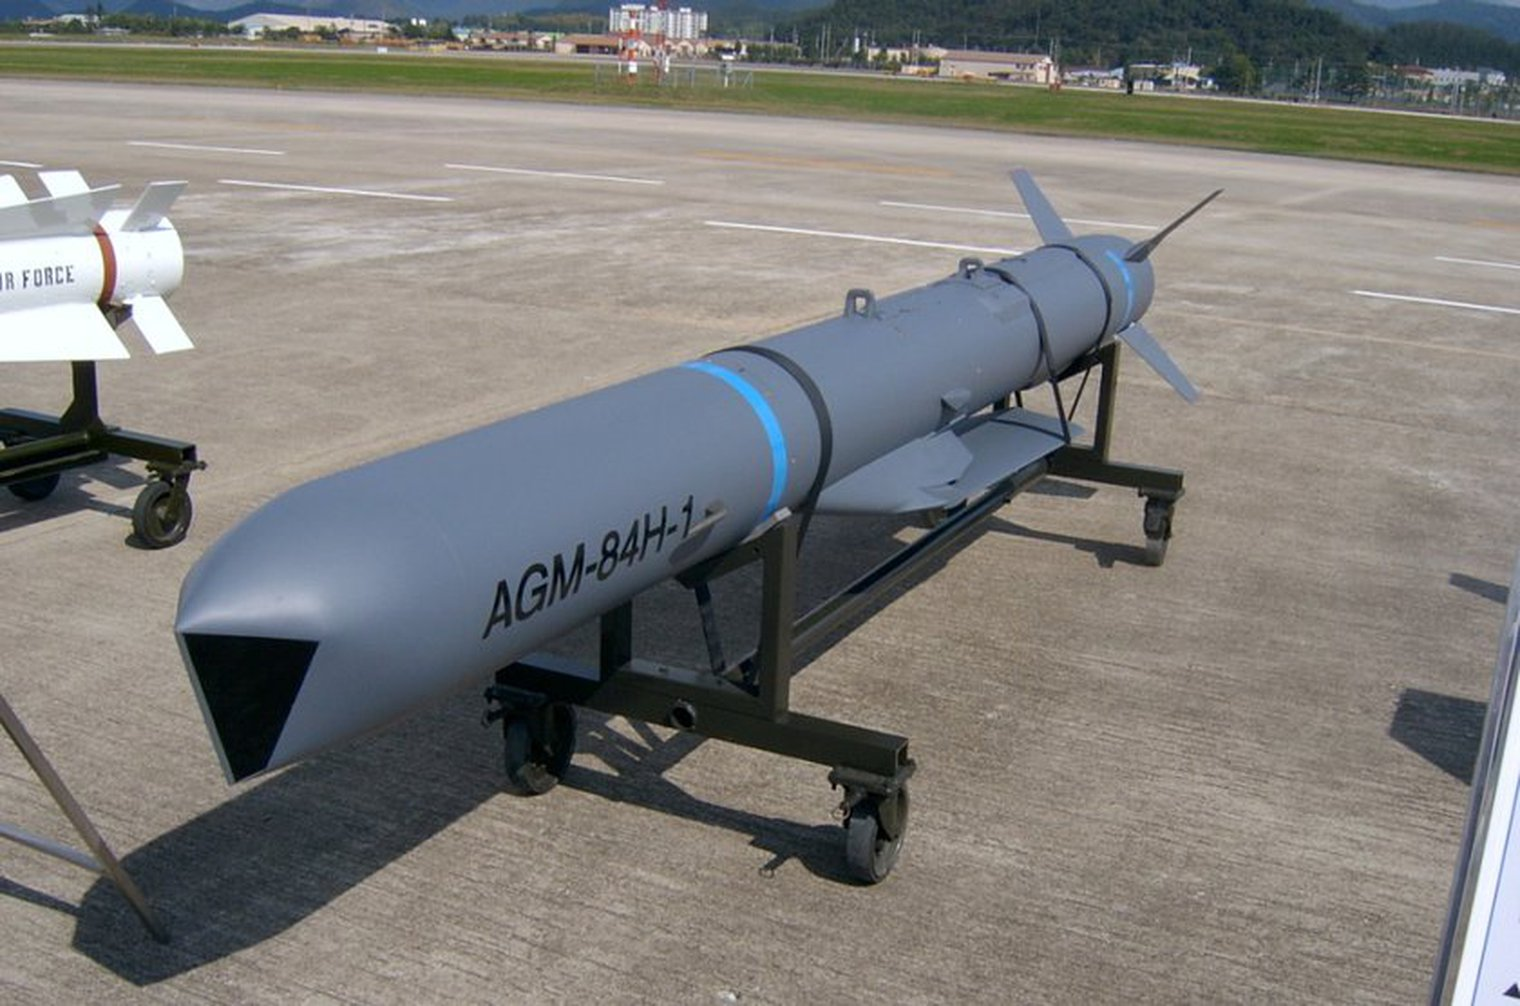 خرید تسلیحات موشکی SLAM ER توسط عربستان، این بخش از شرکت بوئینگ را مجددا فعال نمود